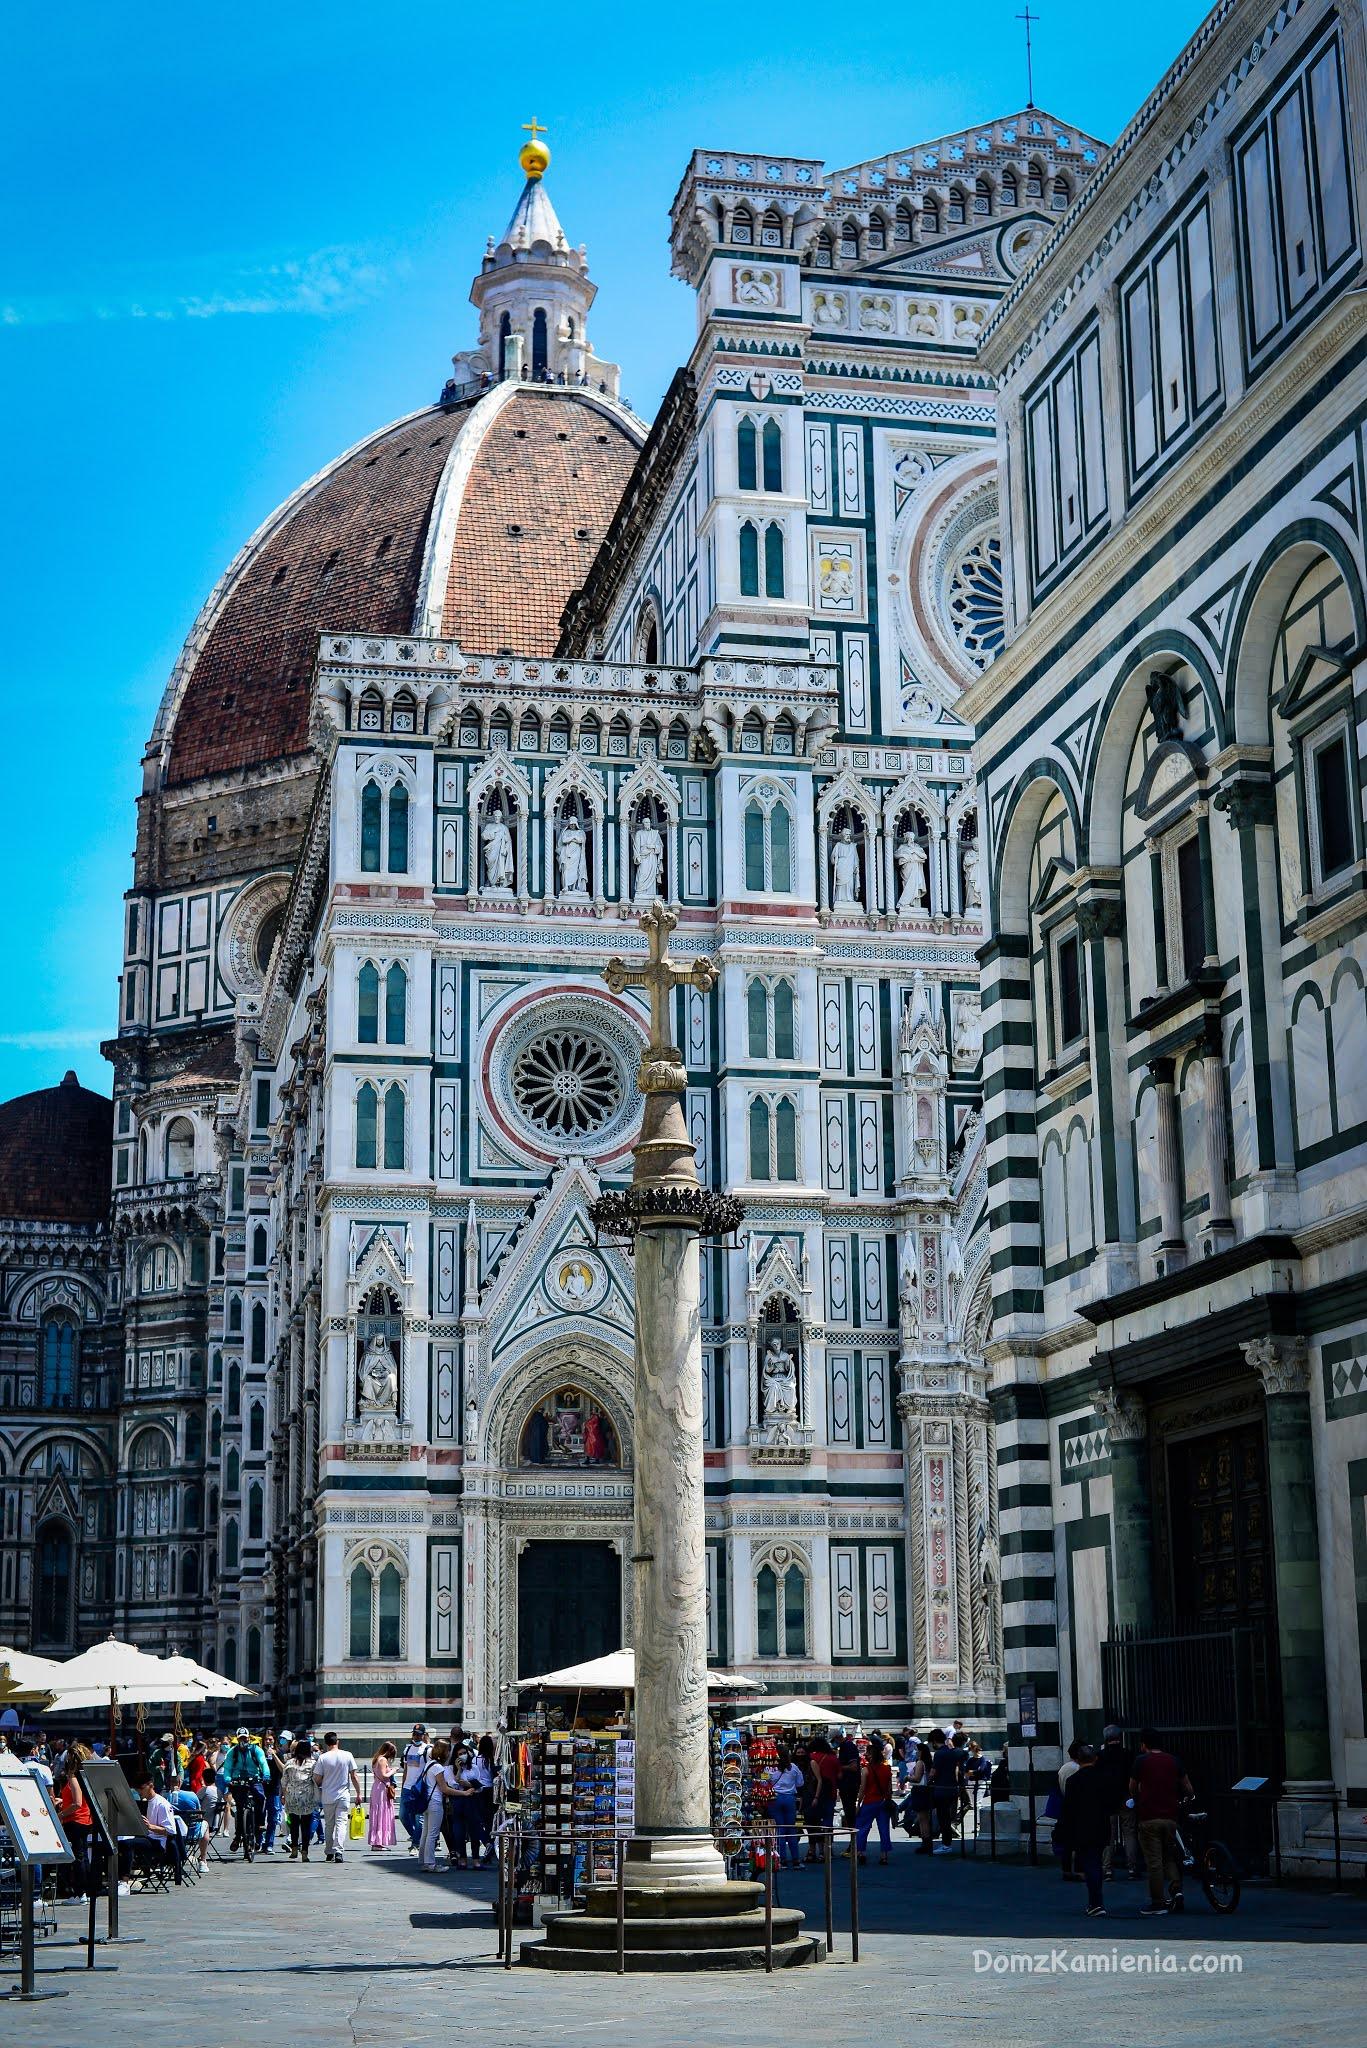 Dom z Kamienia, Sekrety Florencji Kasia Nowacka